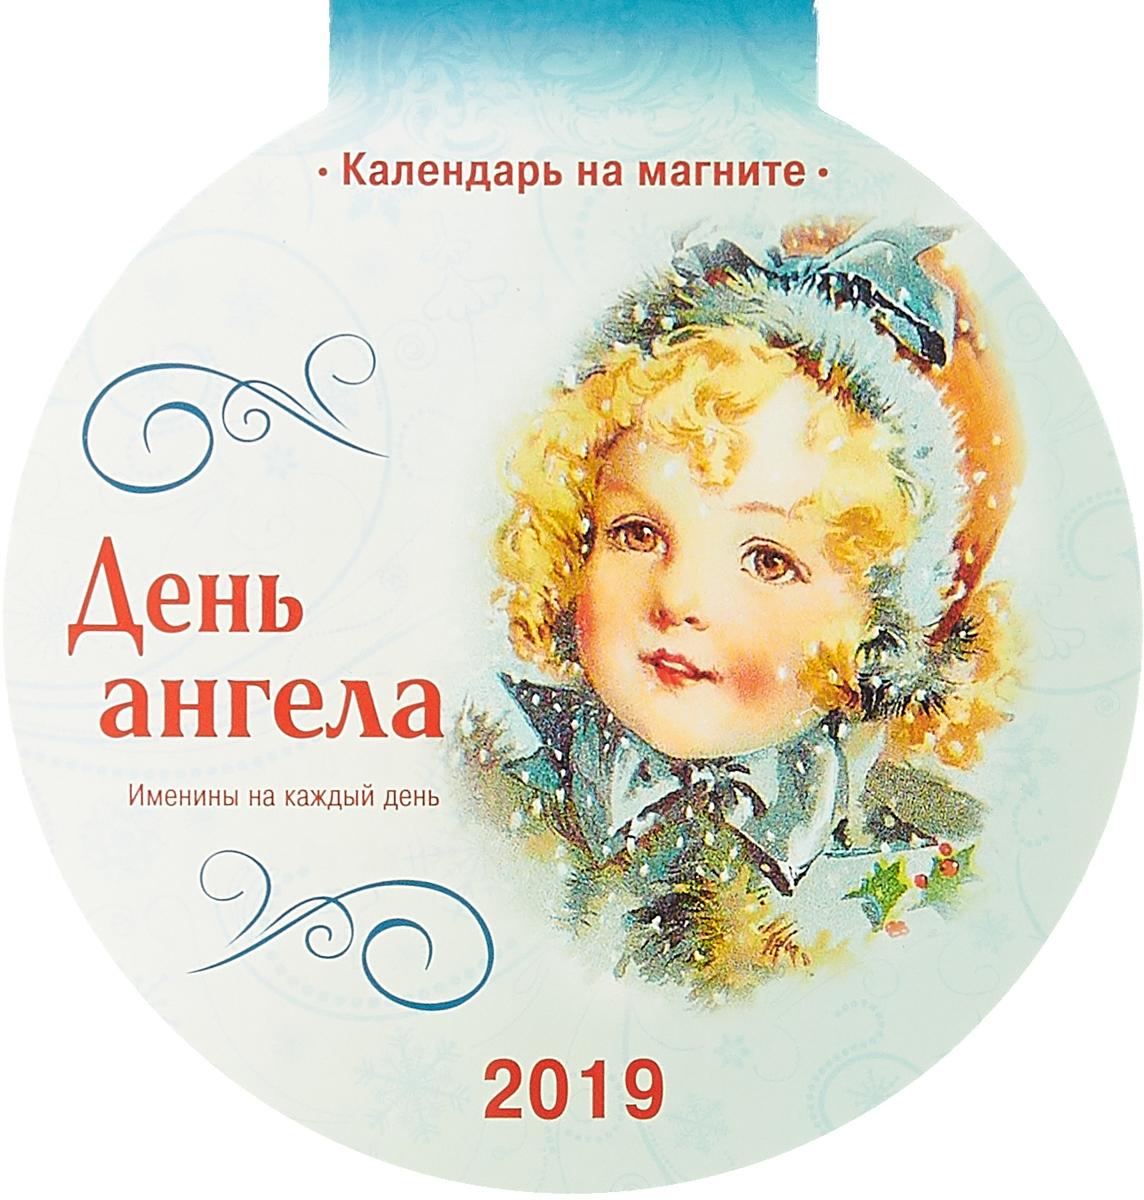 День ангела. Календарь на магните отрывной с вырубкой 2019 календарь с астропрогнозом 100 140 календарь 2019